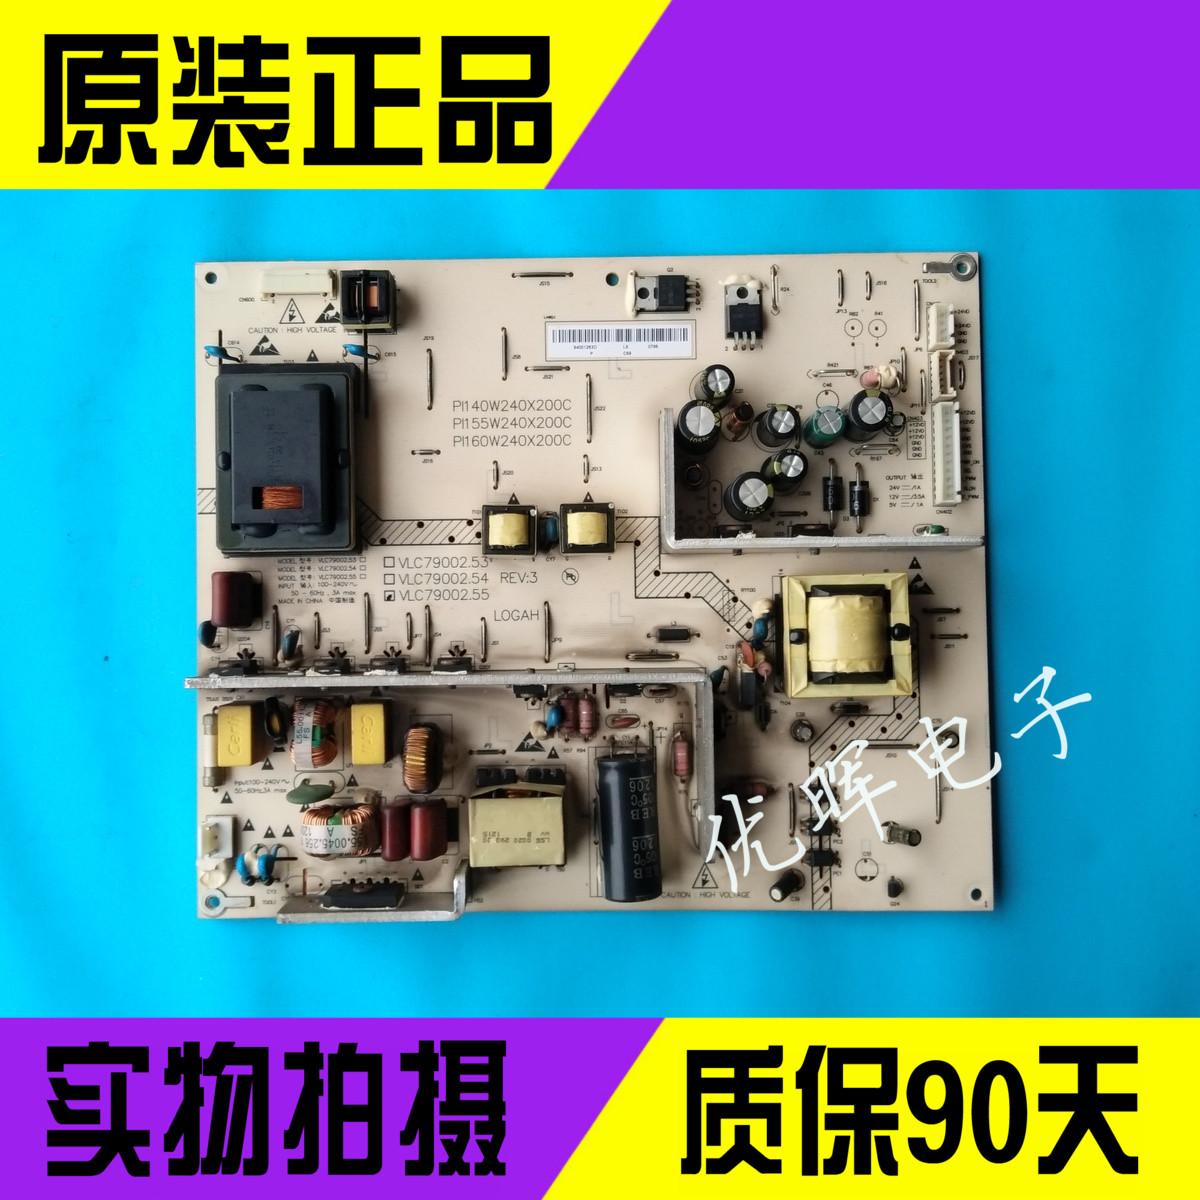 原装海尔L37K1/F3 L32B1/R3电源板VLC79002.53 VLC79002.54/55,可领取3元淘宝优惠券